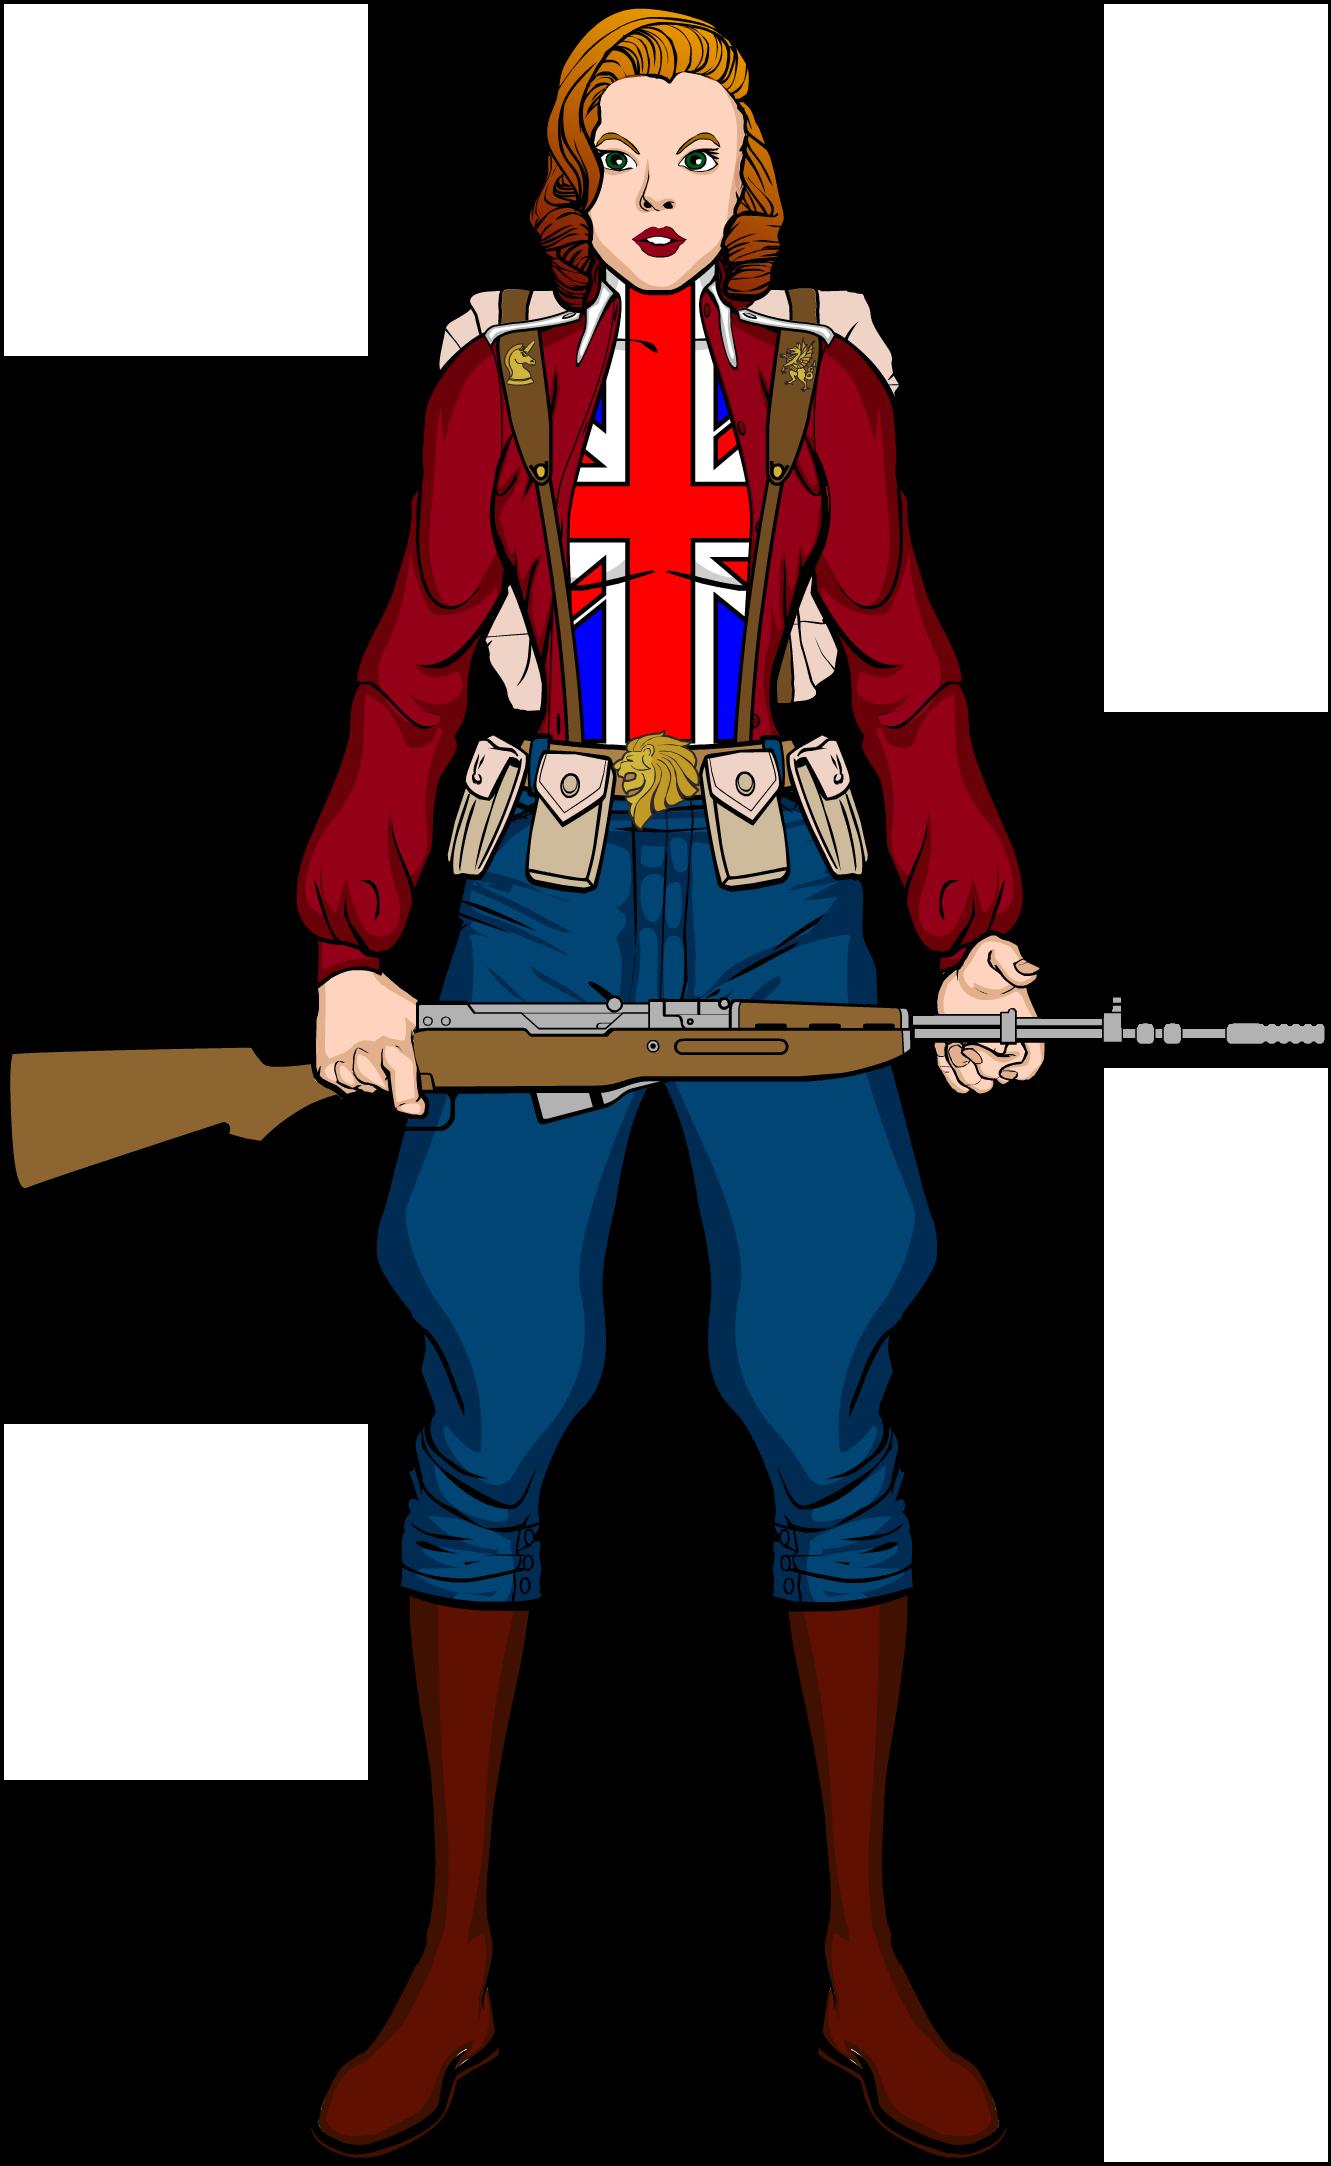 brons-britannia